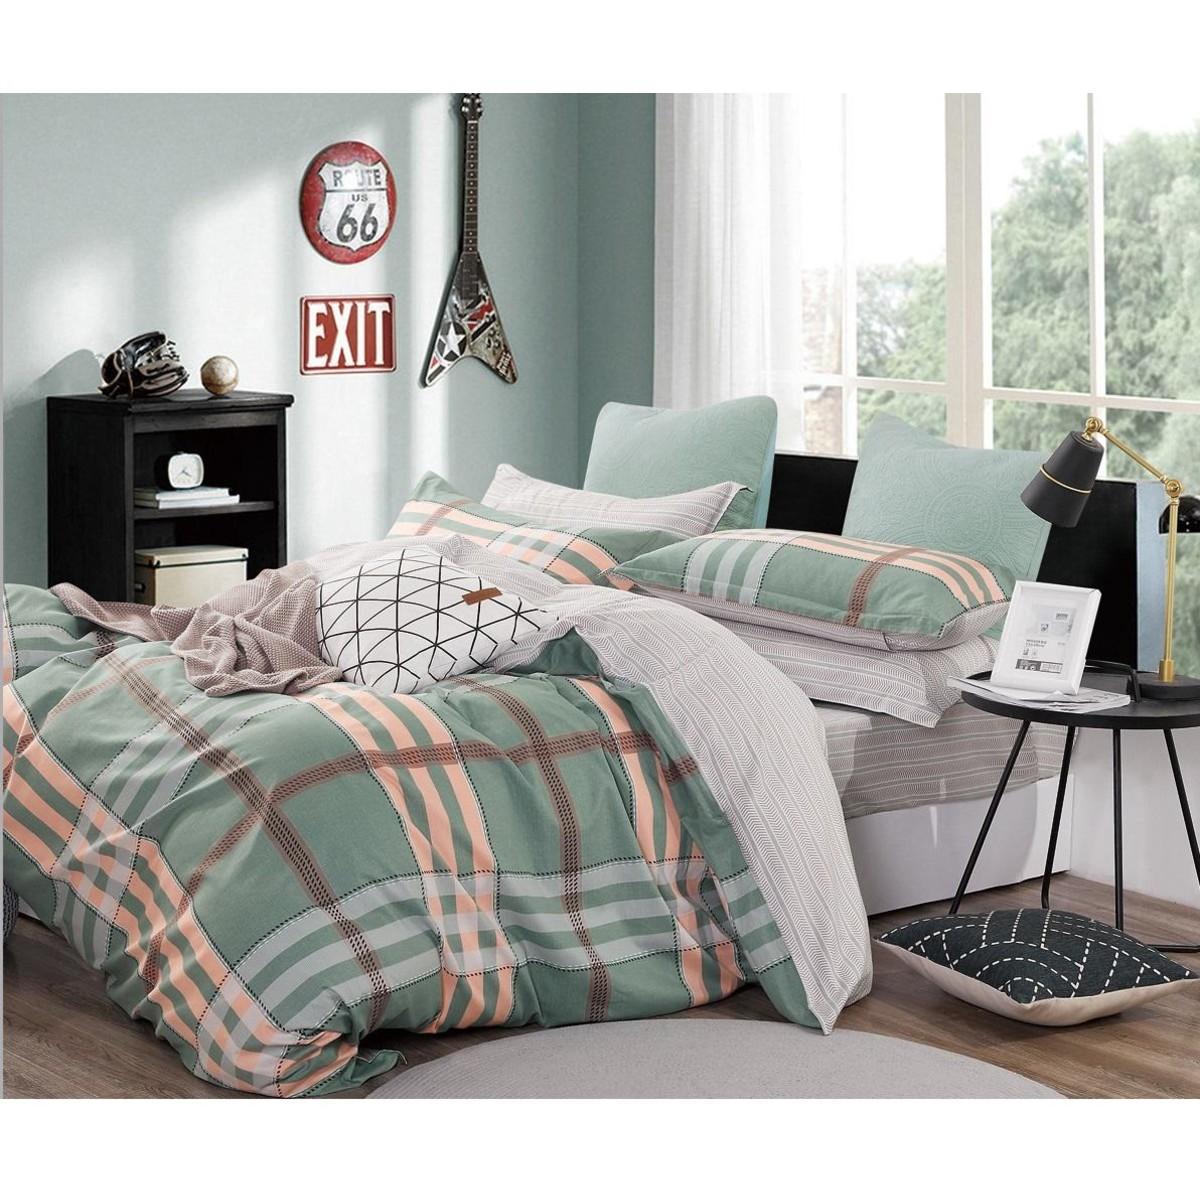 Комплект постельного белья 15-спальный Jardin 3420/812